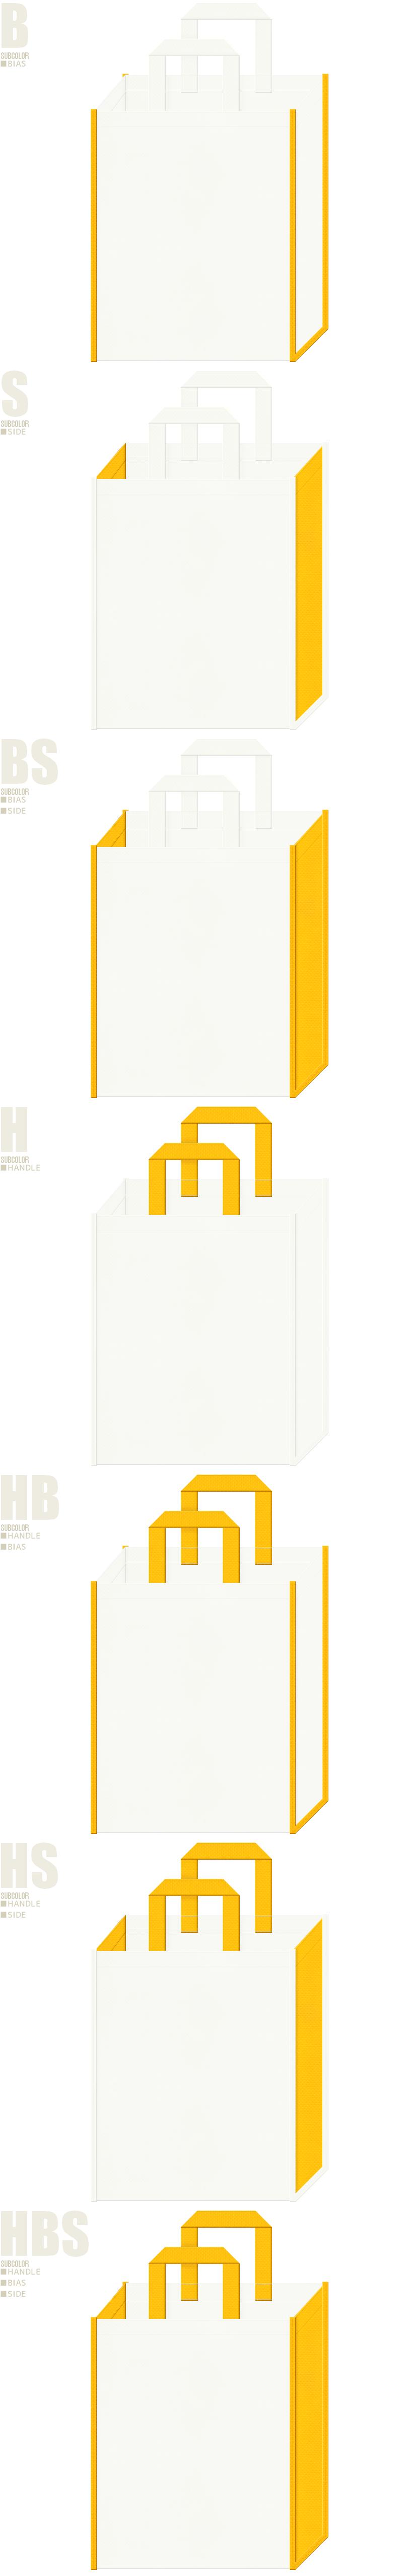 オフホワイト色と黄色、7パターンの不織布トートバッグ配色デザイン例。キッチン用品の展示会用バッグにお奨めです。たまごのイメージ。